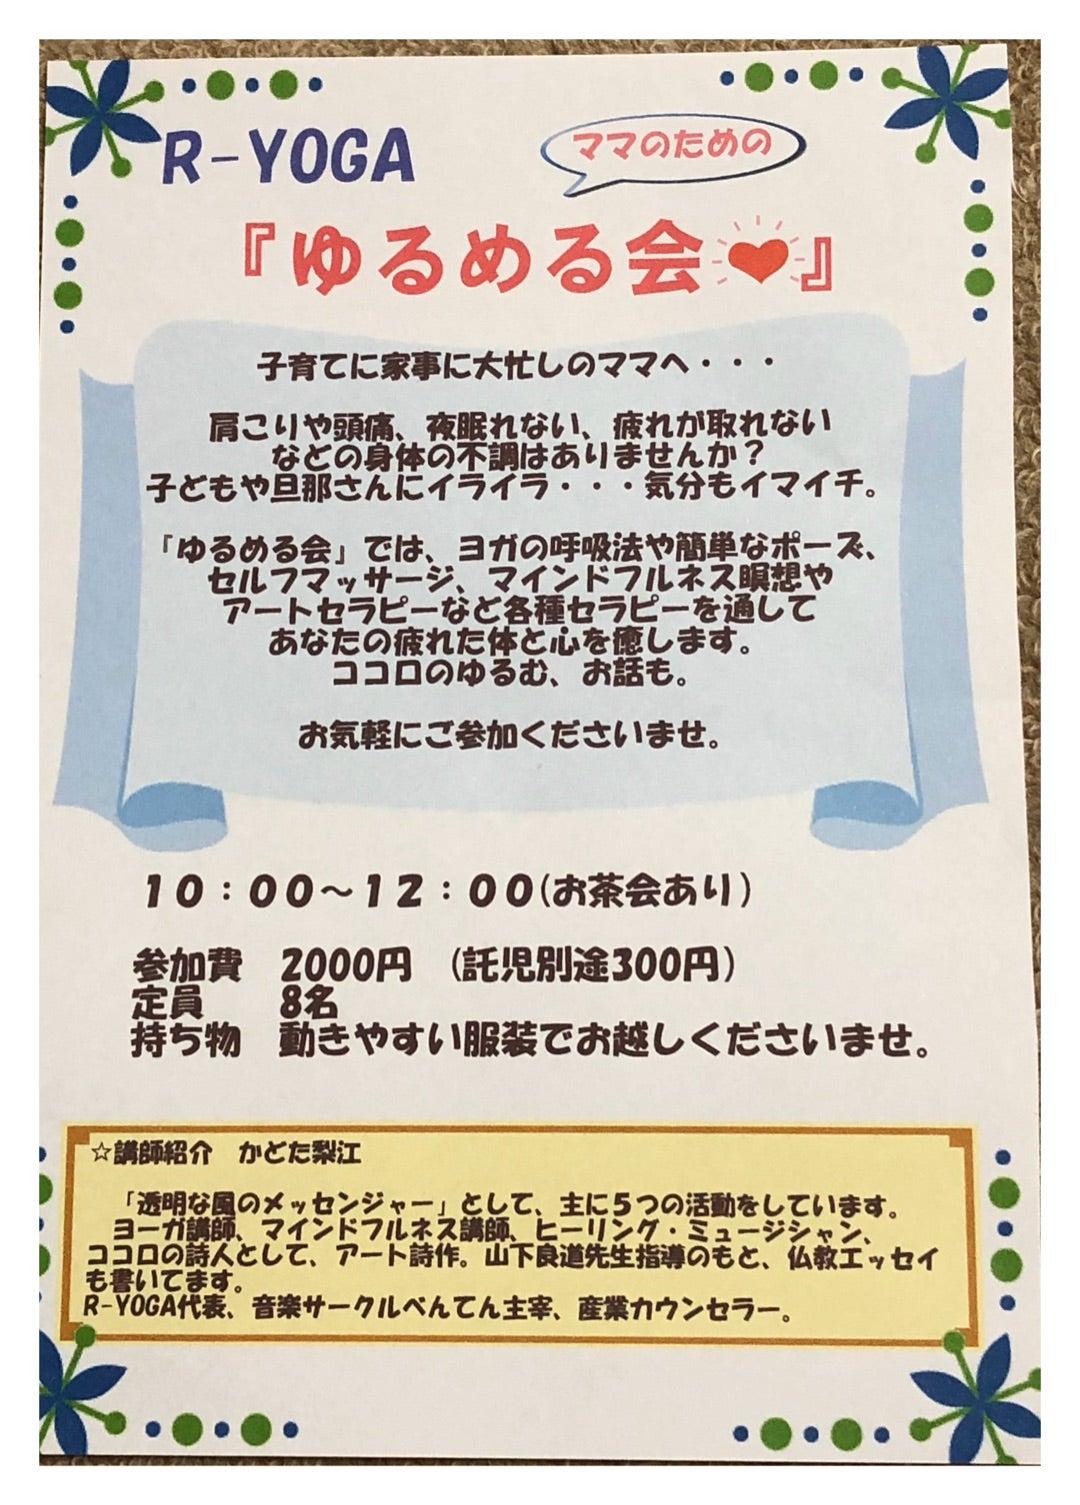 「ゆるめる会」オンライン教室のお知らせ!